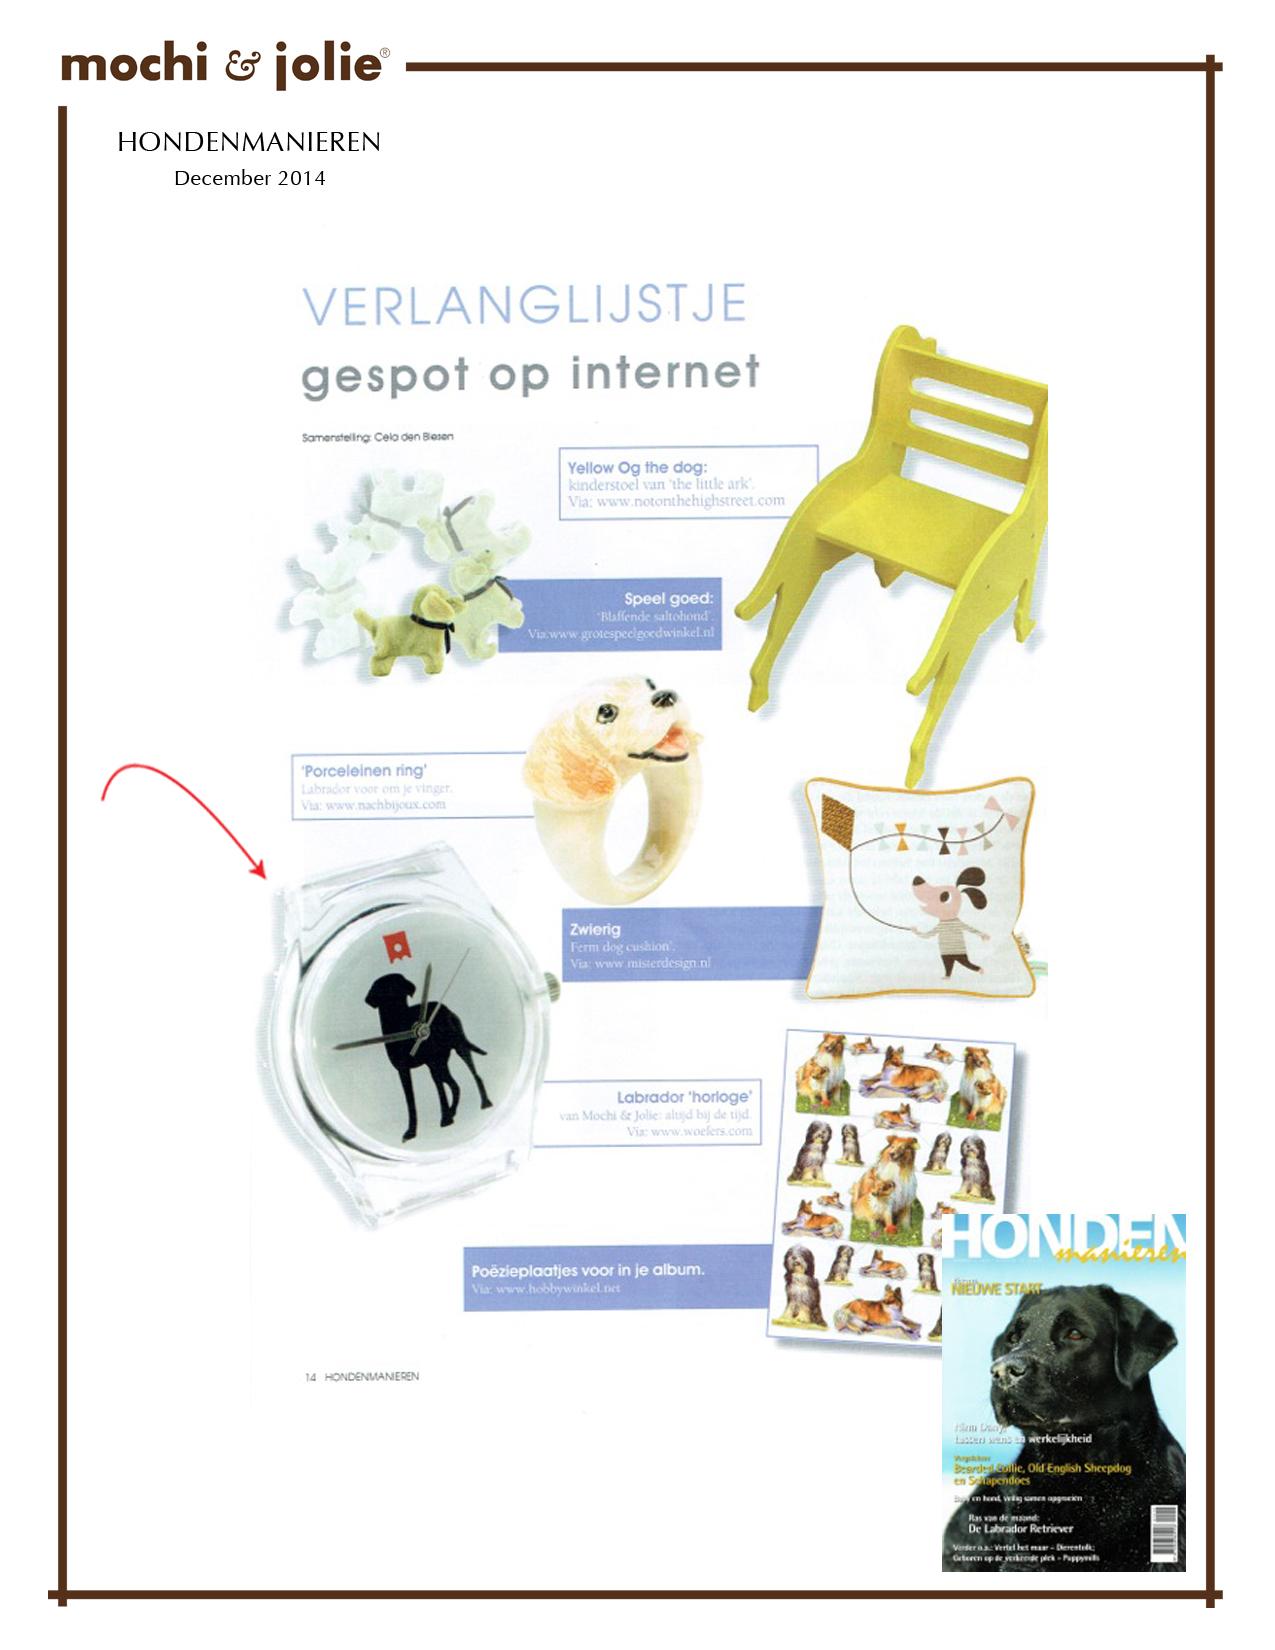 Hondenmanieren (Dutch Magazine) (December 2014)